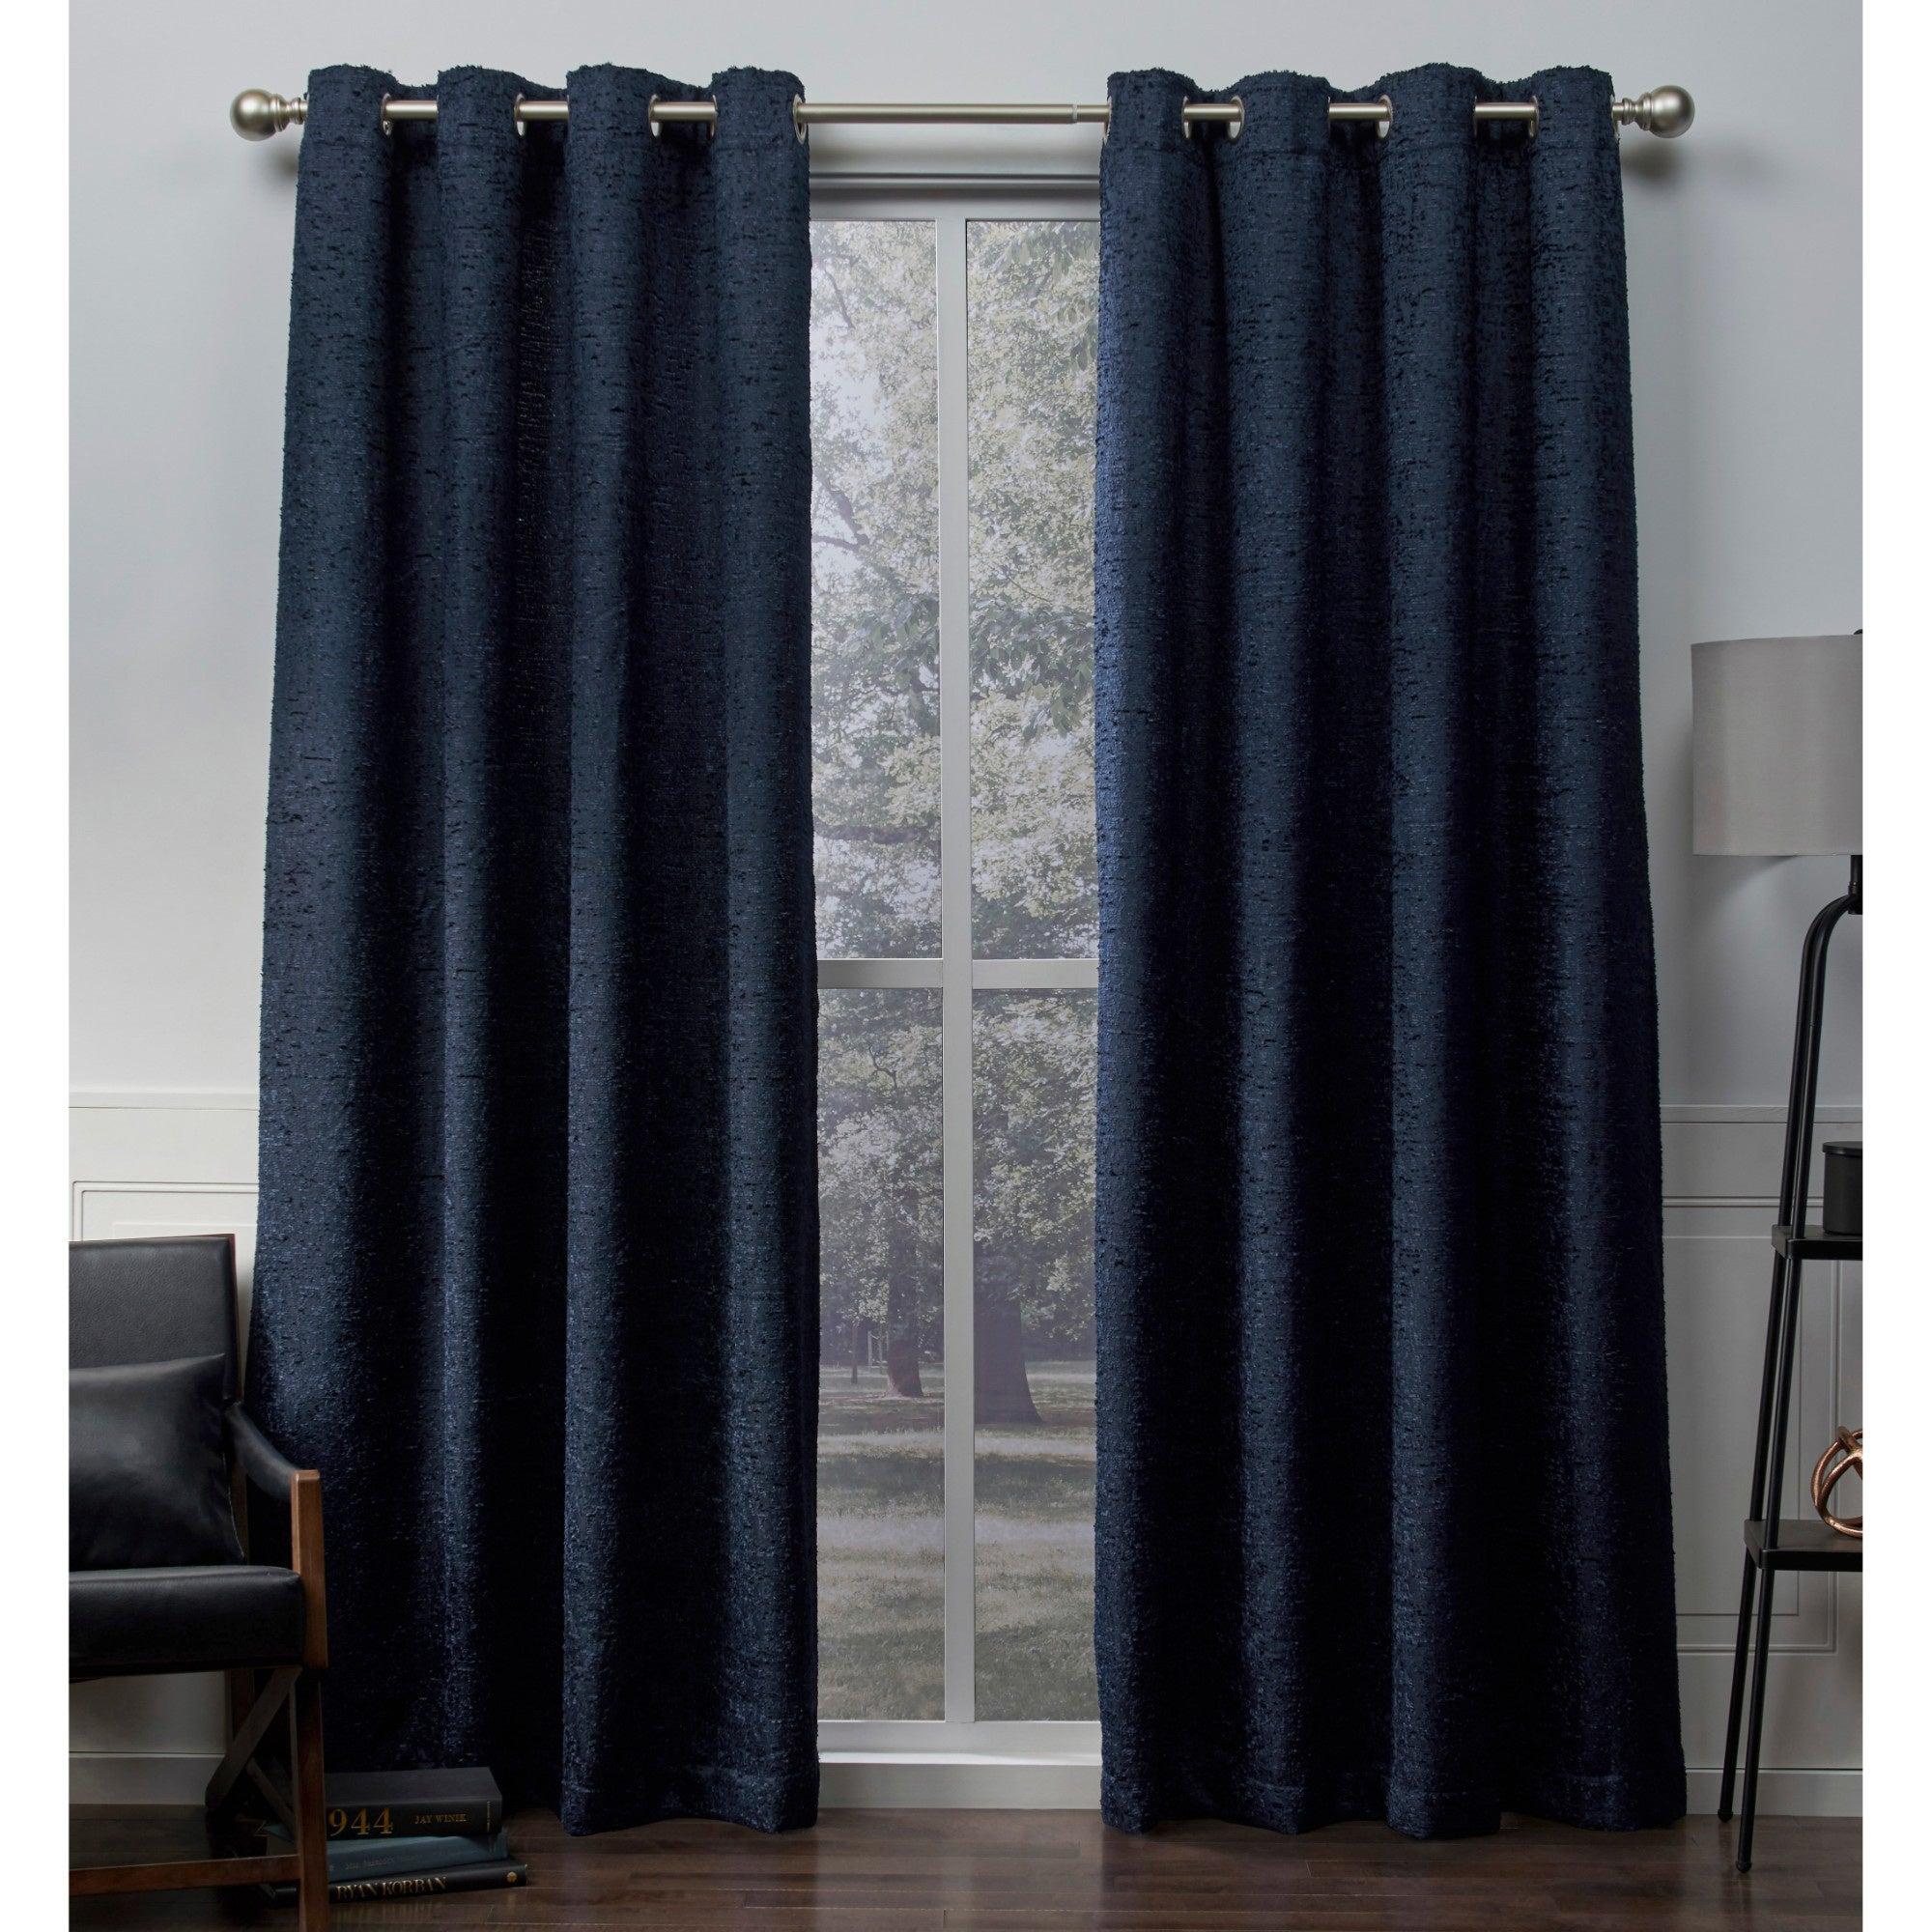 The Gray Barn Dreamweaver Chenille Room Darkening Curtain Panel Pair intended for Grommet Room Darkening Curtain Panels (Image 19 of 20)